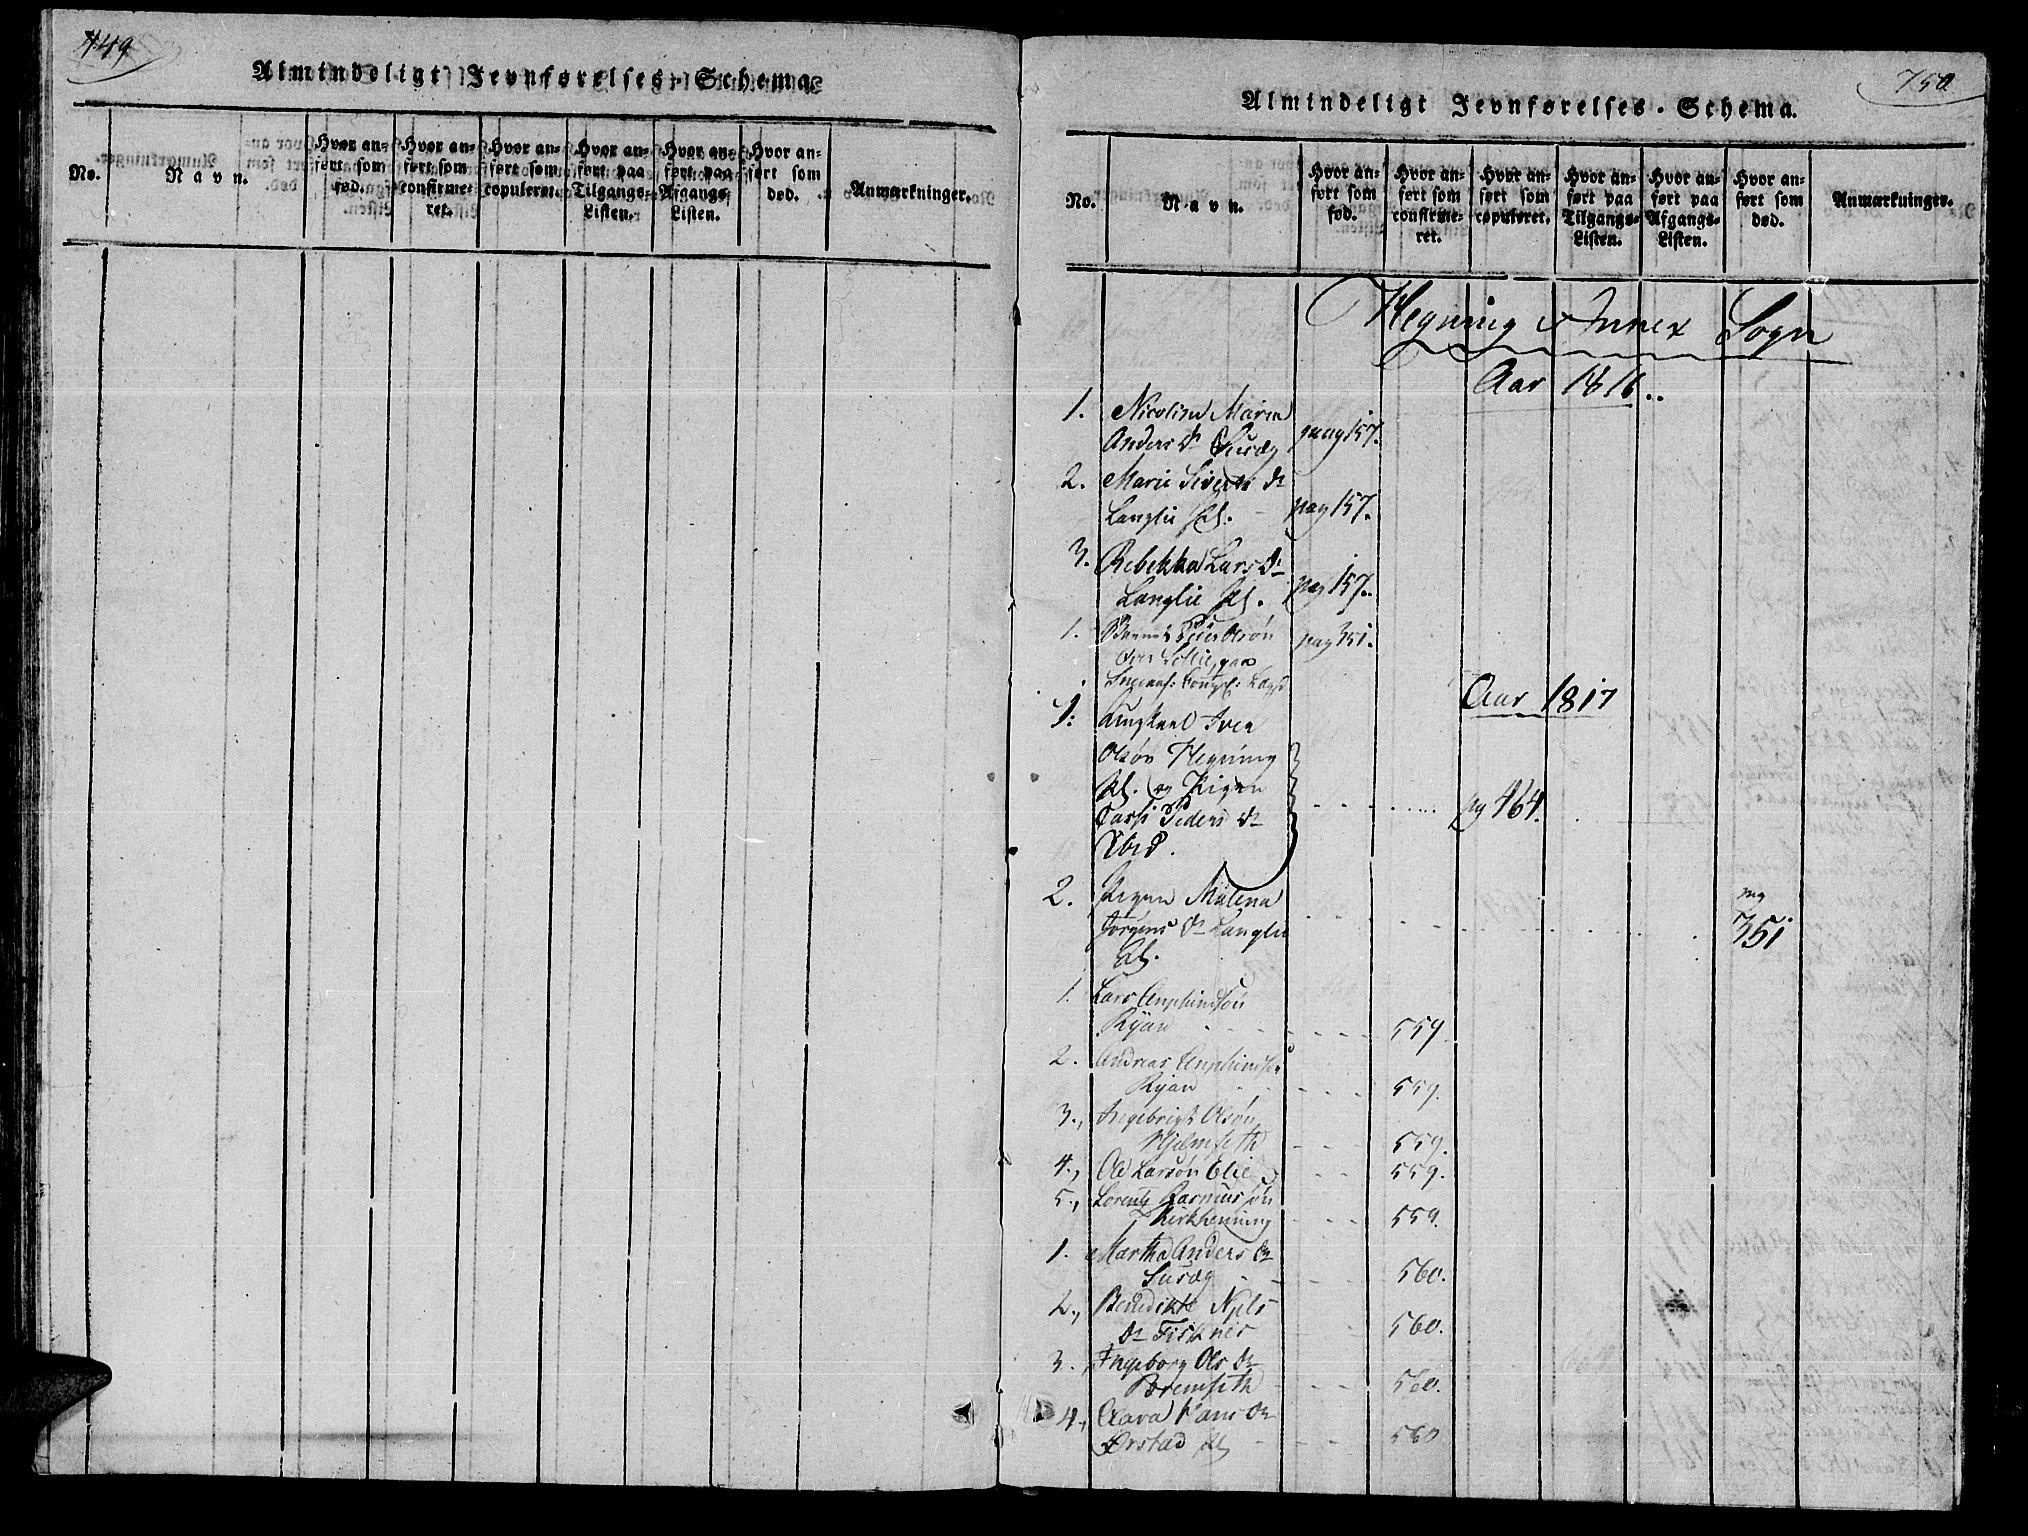 SAT, Ministerialprotokoller, klokkerbøker og fødselsregistre - Nord-Trøndelag, 735/L0333: Ministerialbok nr. 735A04 /3, 1816-1825, s. 749-750